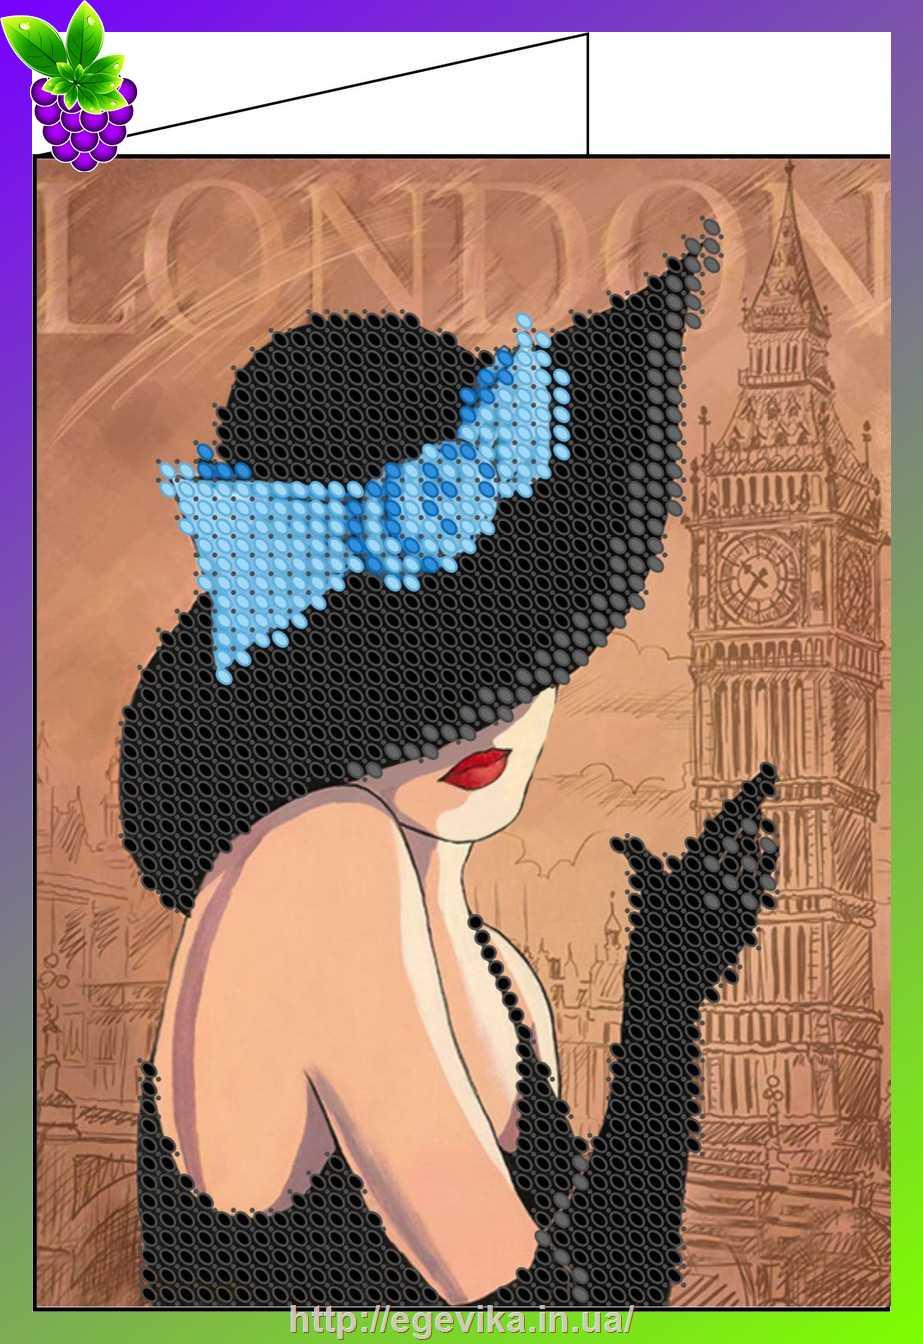 Вышивка бисером женщина в шляпе